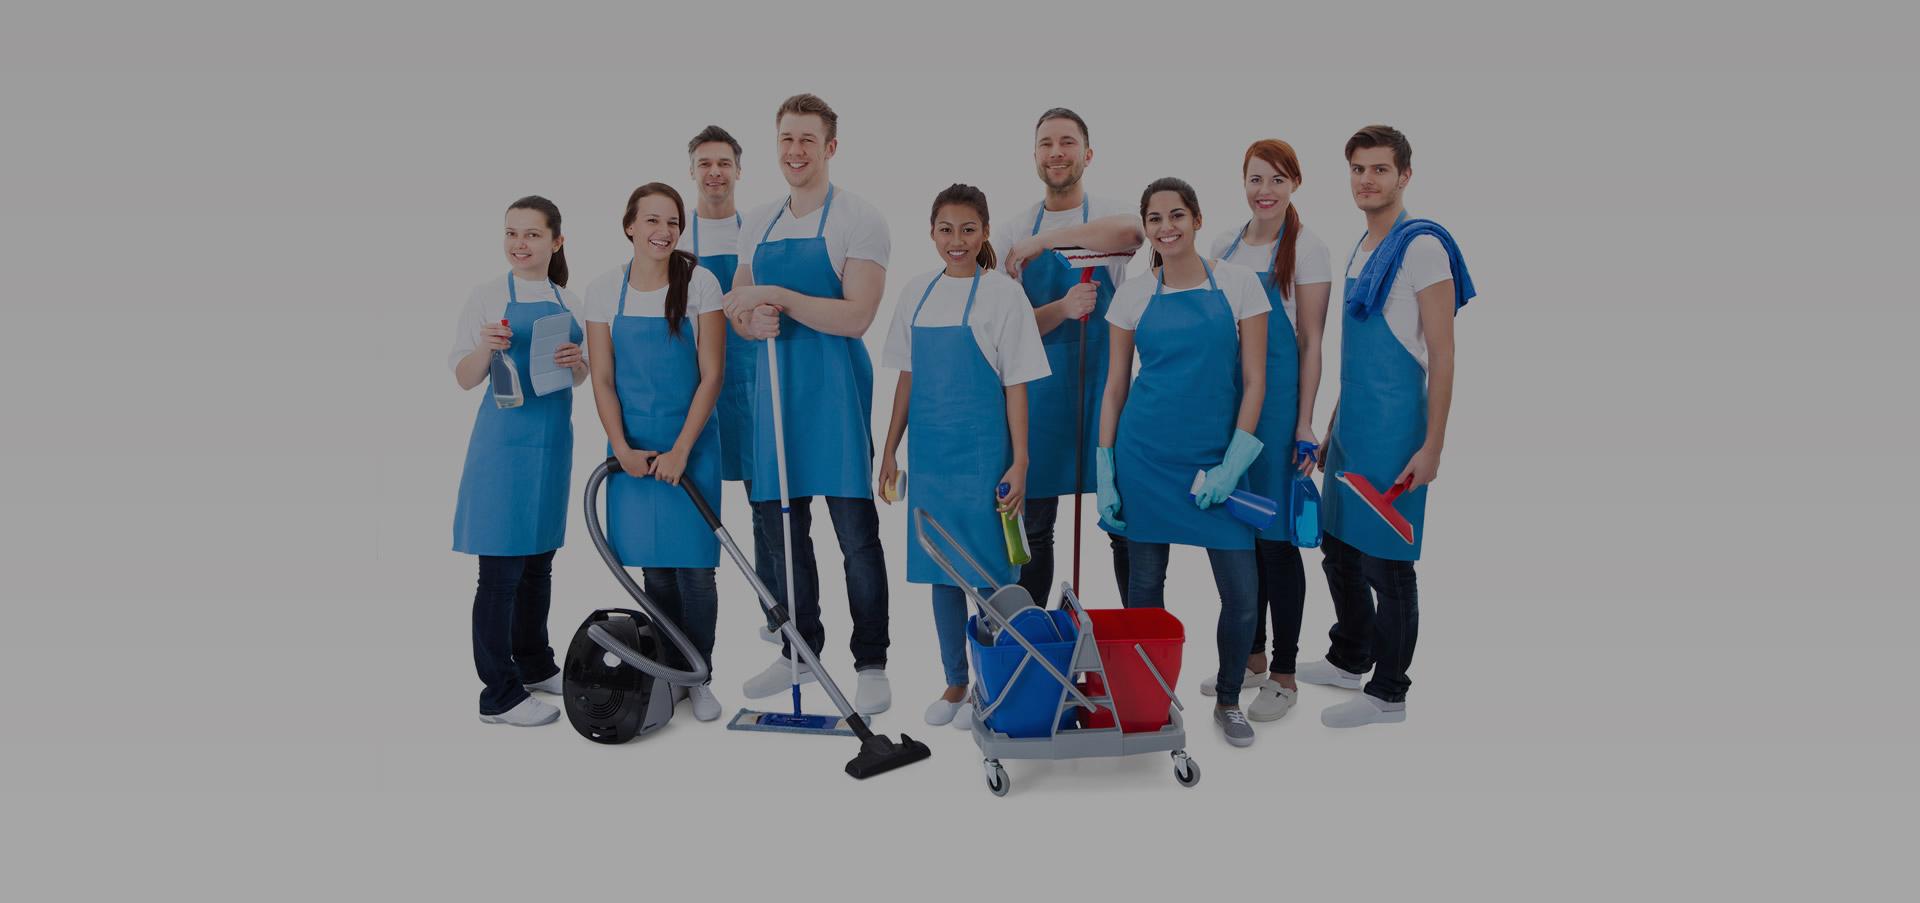 Tips para evitar afectaciones por cambio constantes del personal de limpieza